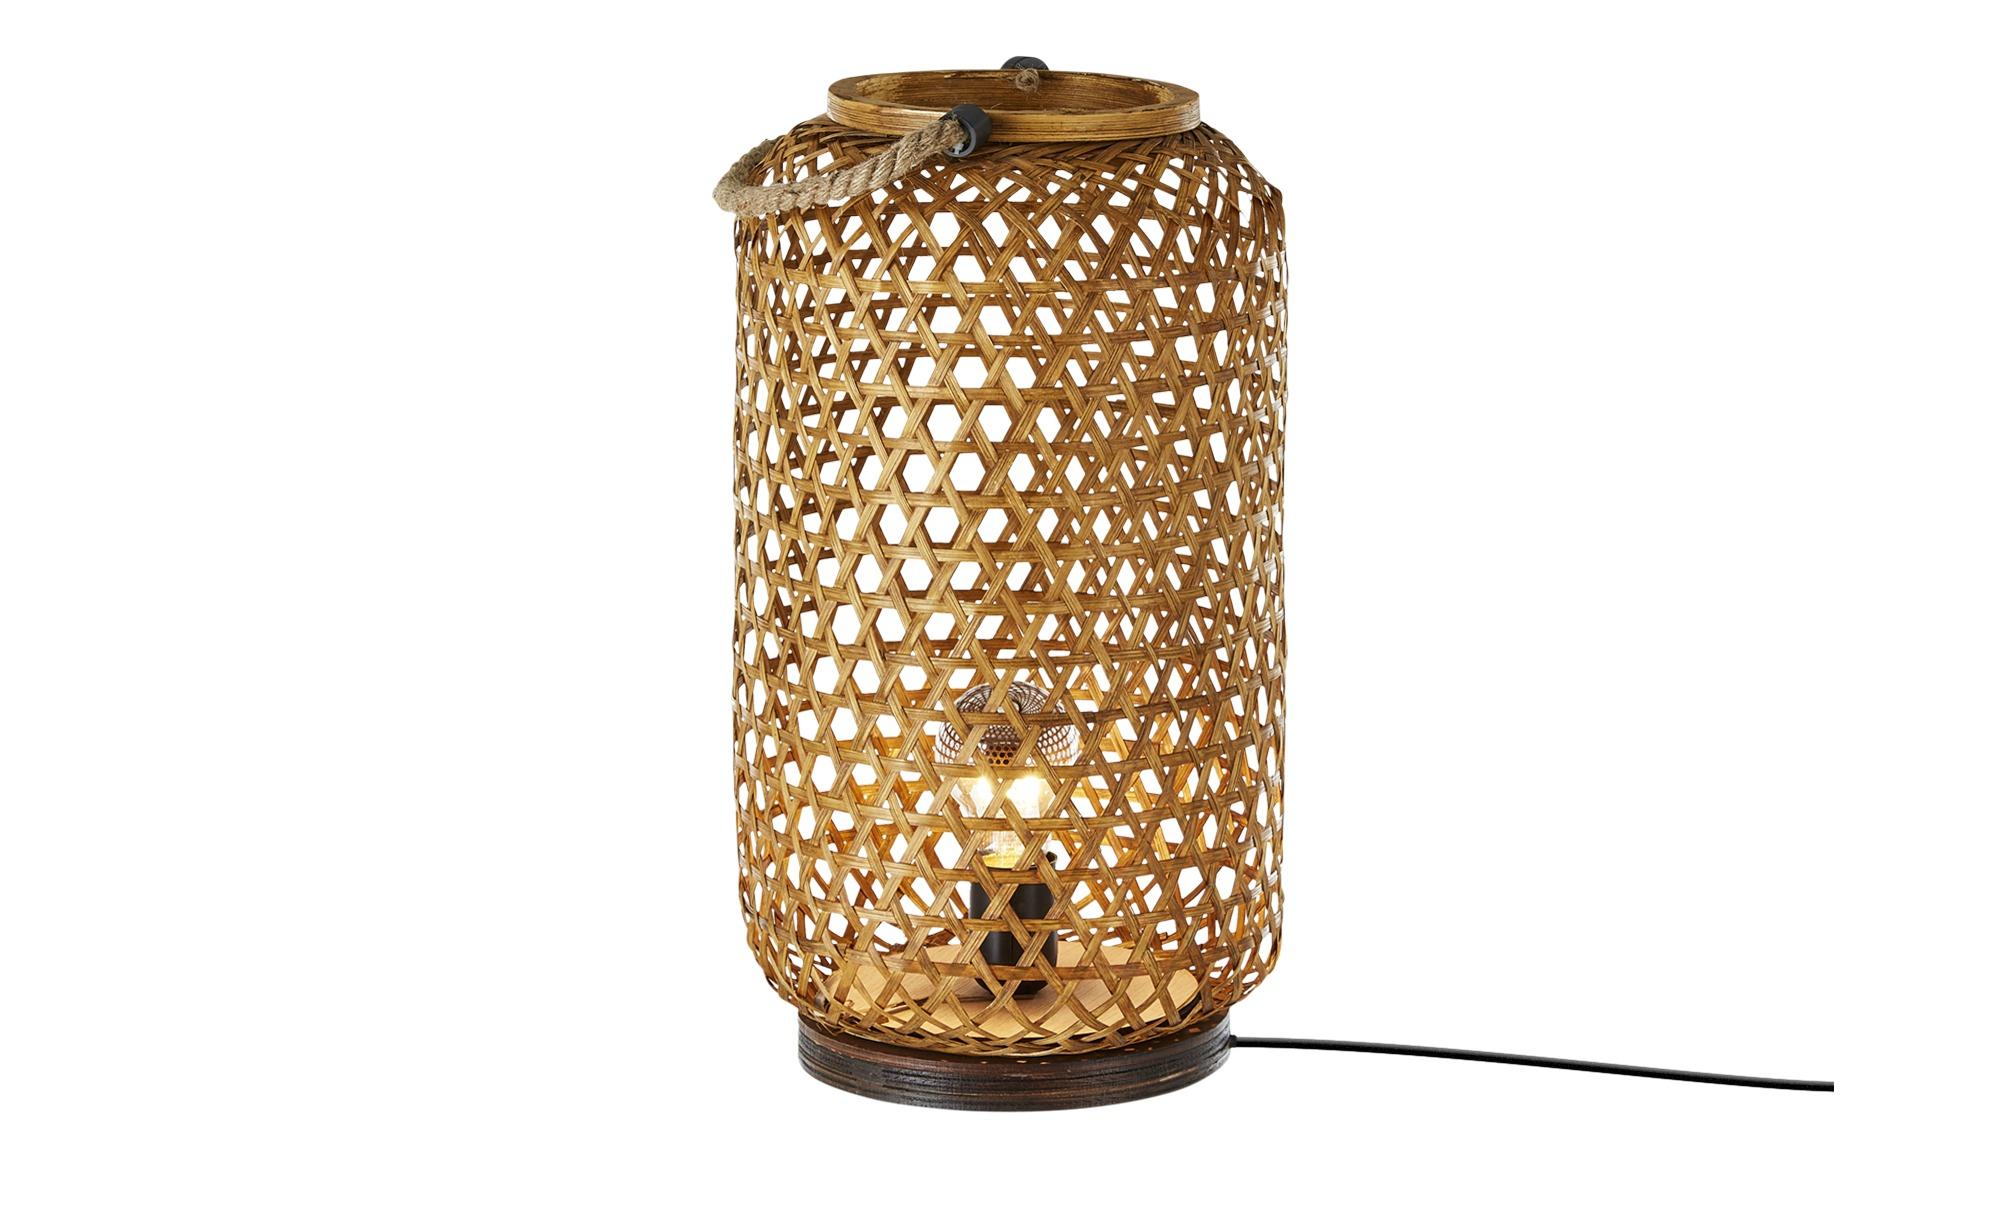 Tischleuchte, 1-flammig, Korbgeflecht ¦ braun ¦ Maße (cm): H: 45 Ø: [25.0] Lampen & Leuchten > Innenleuchten > Tischlampen - Höffner